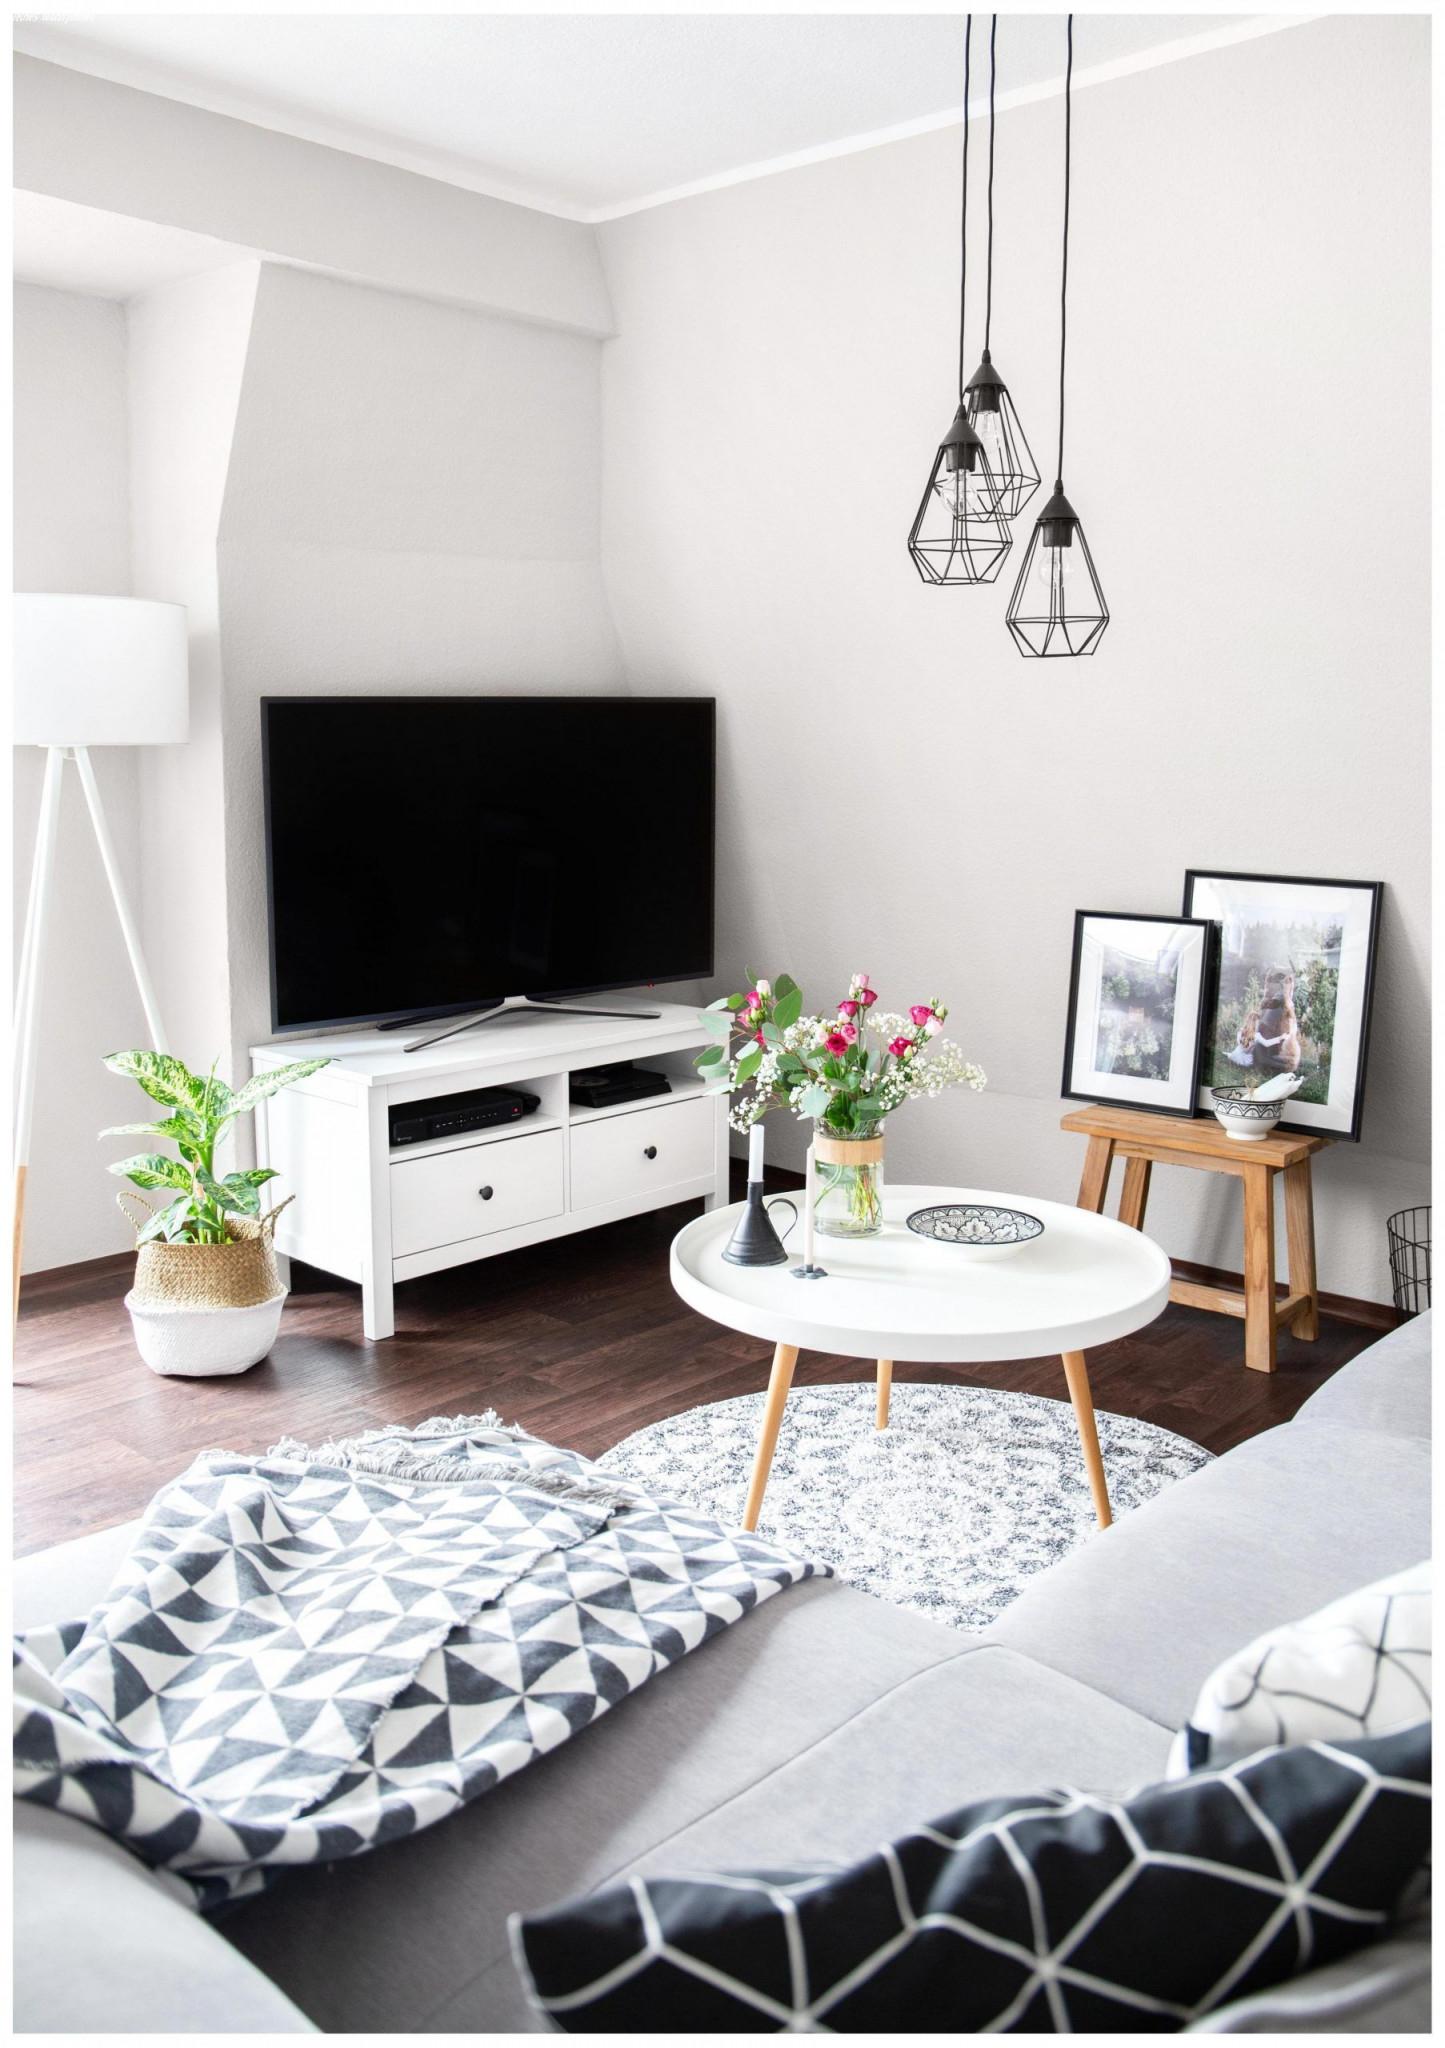 7 Gründe Warum Menschen Kleines Wohnzimmer Lieben In 2020 von Kleines Wohnzimmer Einrichten Photo